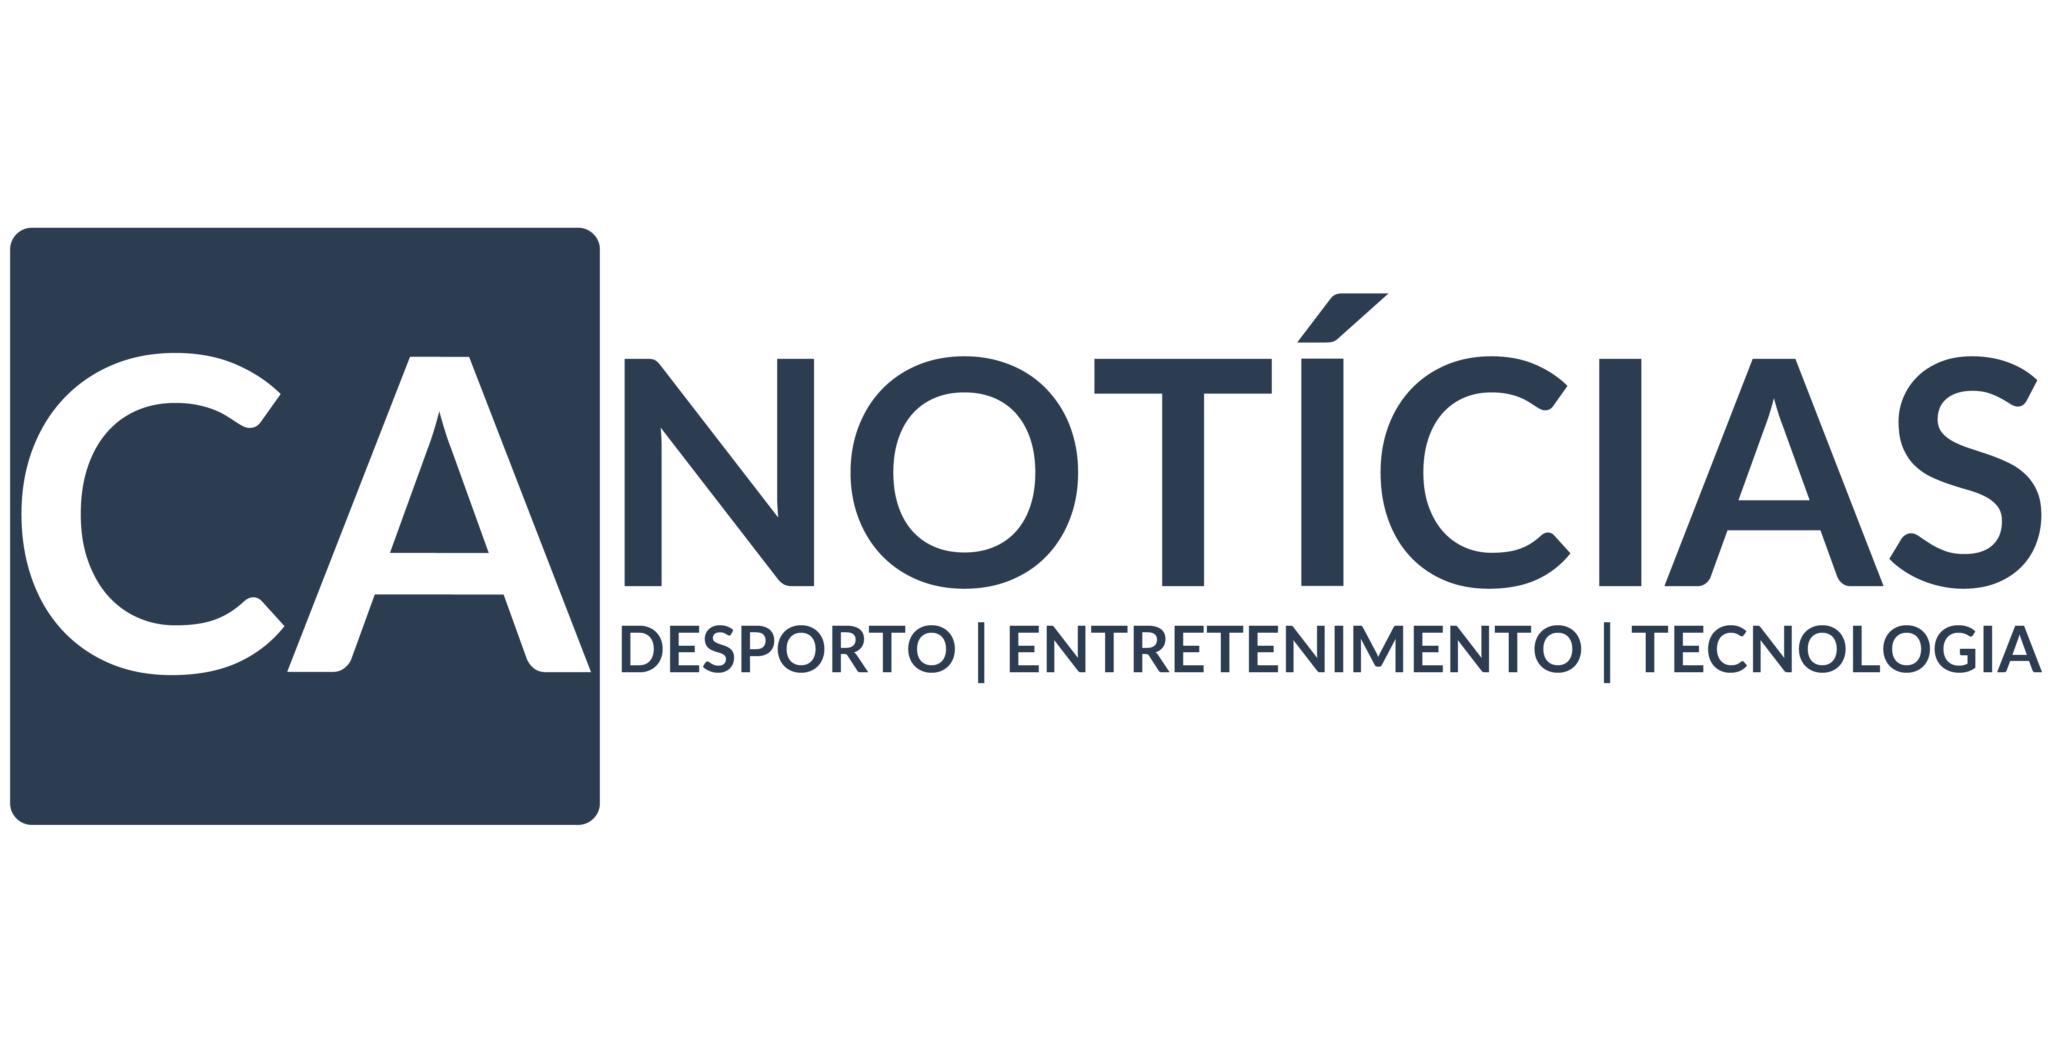 CA Notícias | Entretenimento, desporto, tecnologia e lifestyle